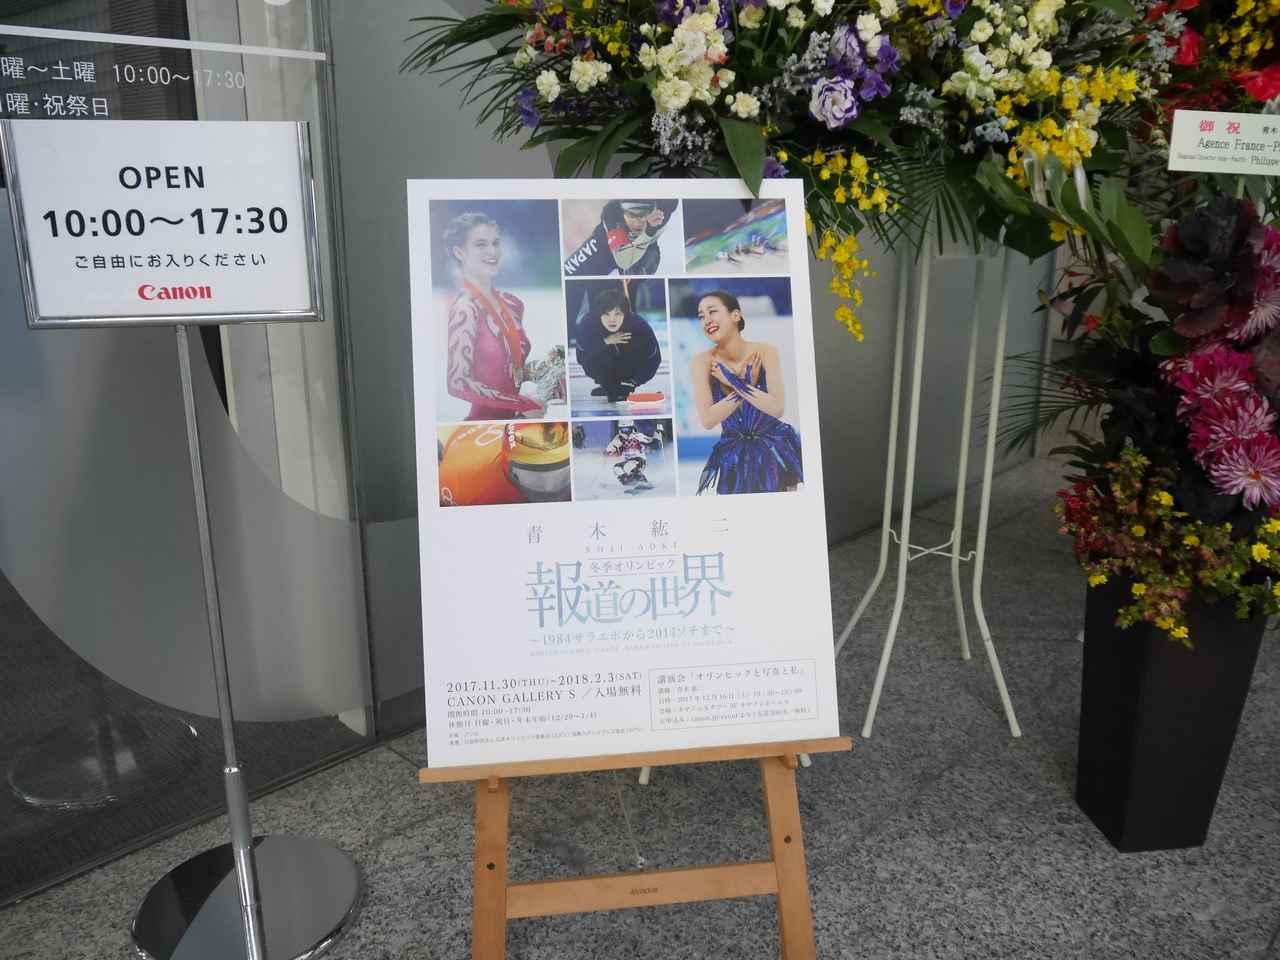 画像1: キヤノンギャラリーSでは「青木紘二」さんの写真展が開催!こちらに先に行くのが王道か!